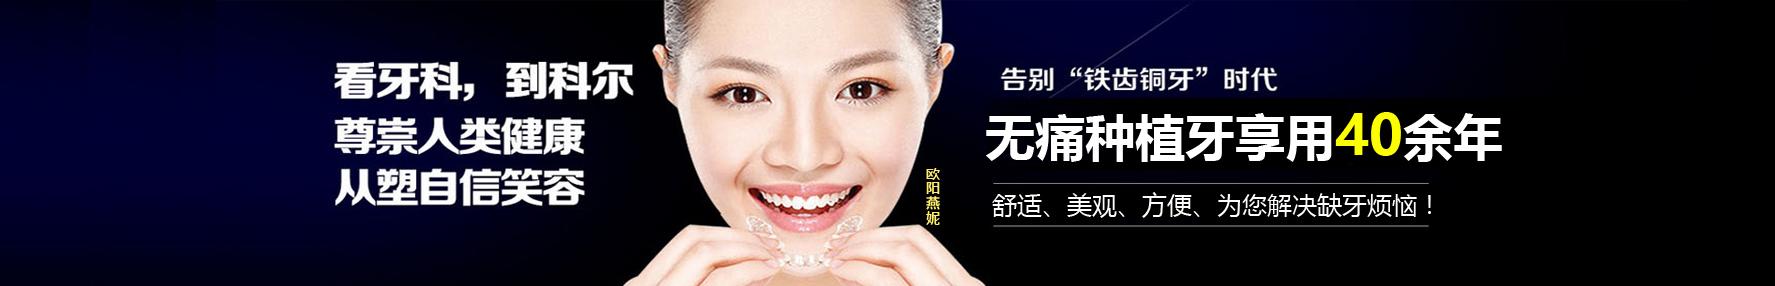 北京整牙齿好的医院